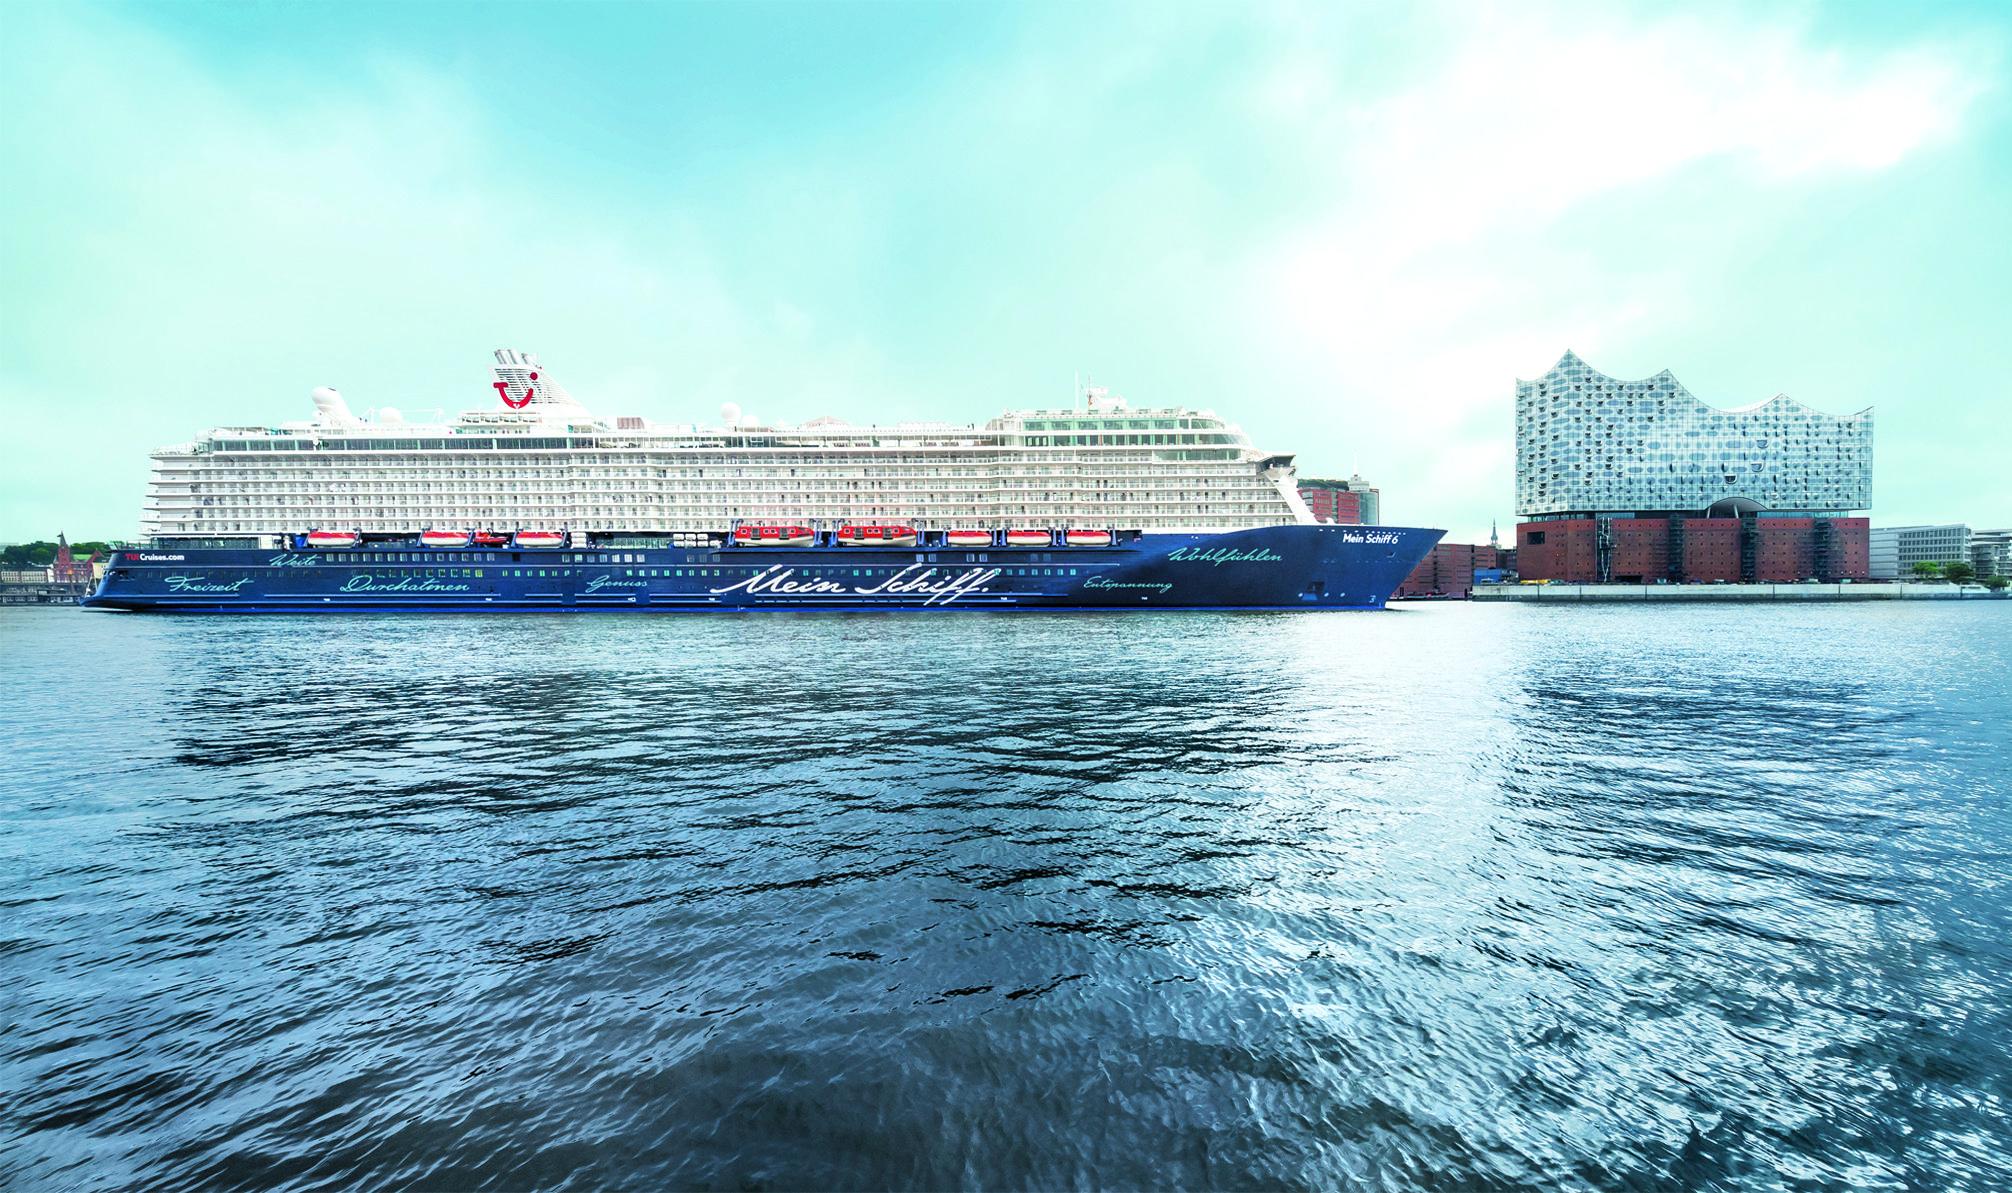 Kreuzfahrt So Ist Die Mein Schiff 6 Wir Haben Uns Umgesehen New York Skyline Sightseeing Skyline